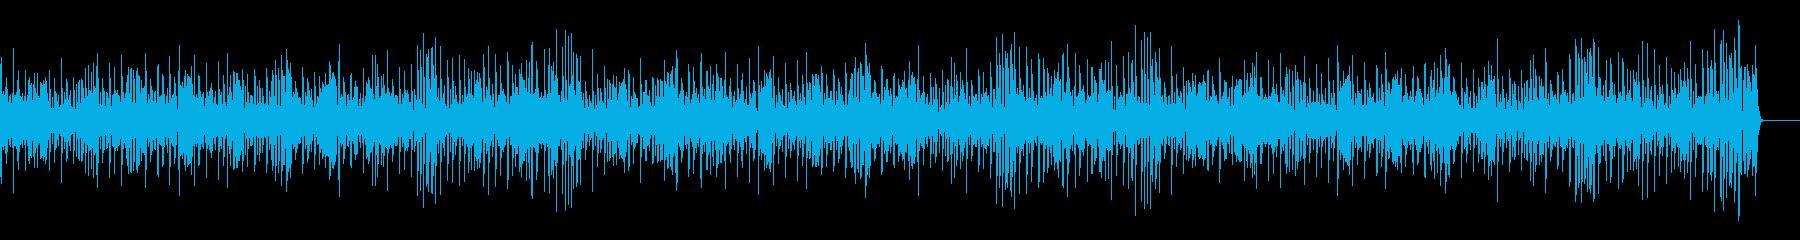 軽快でノリノリなジャズBGMの再生済みの波形